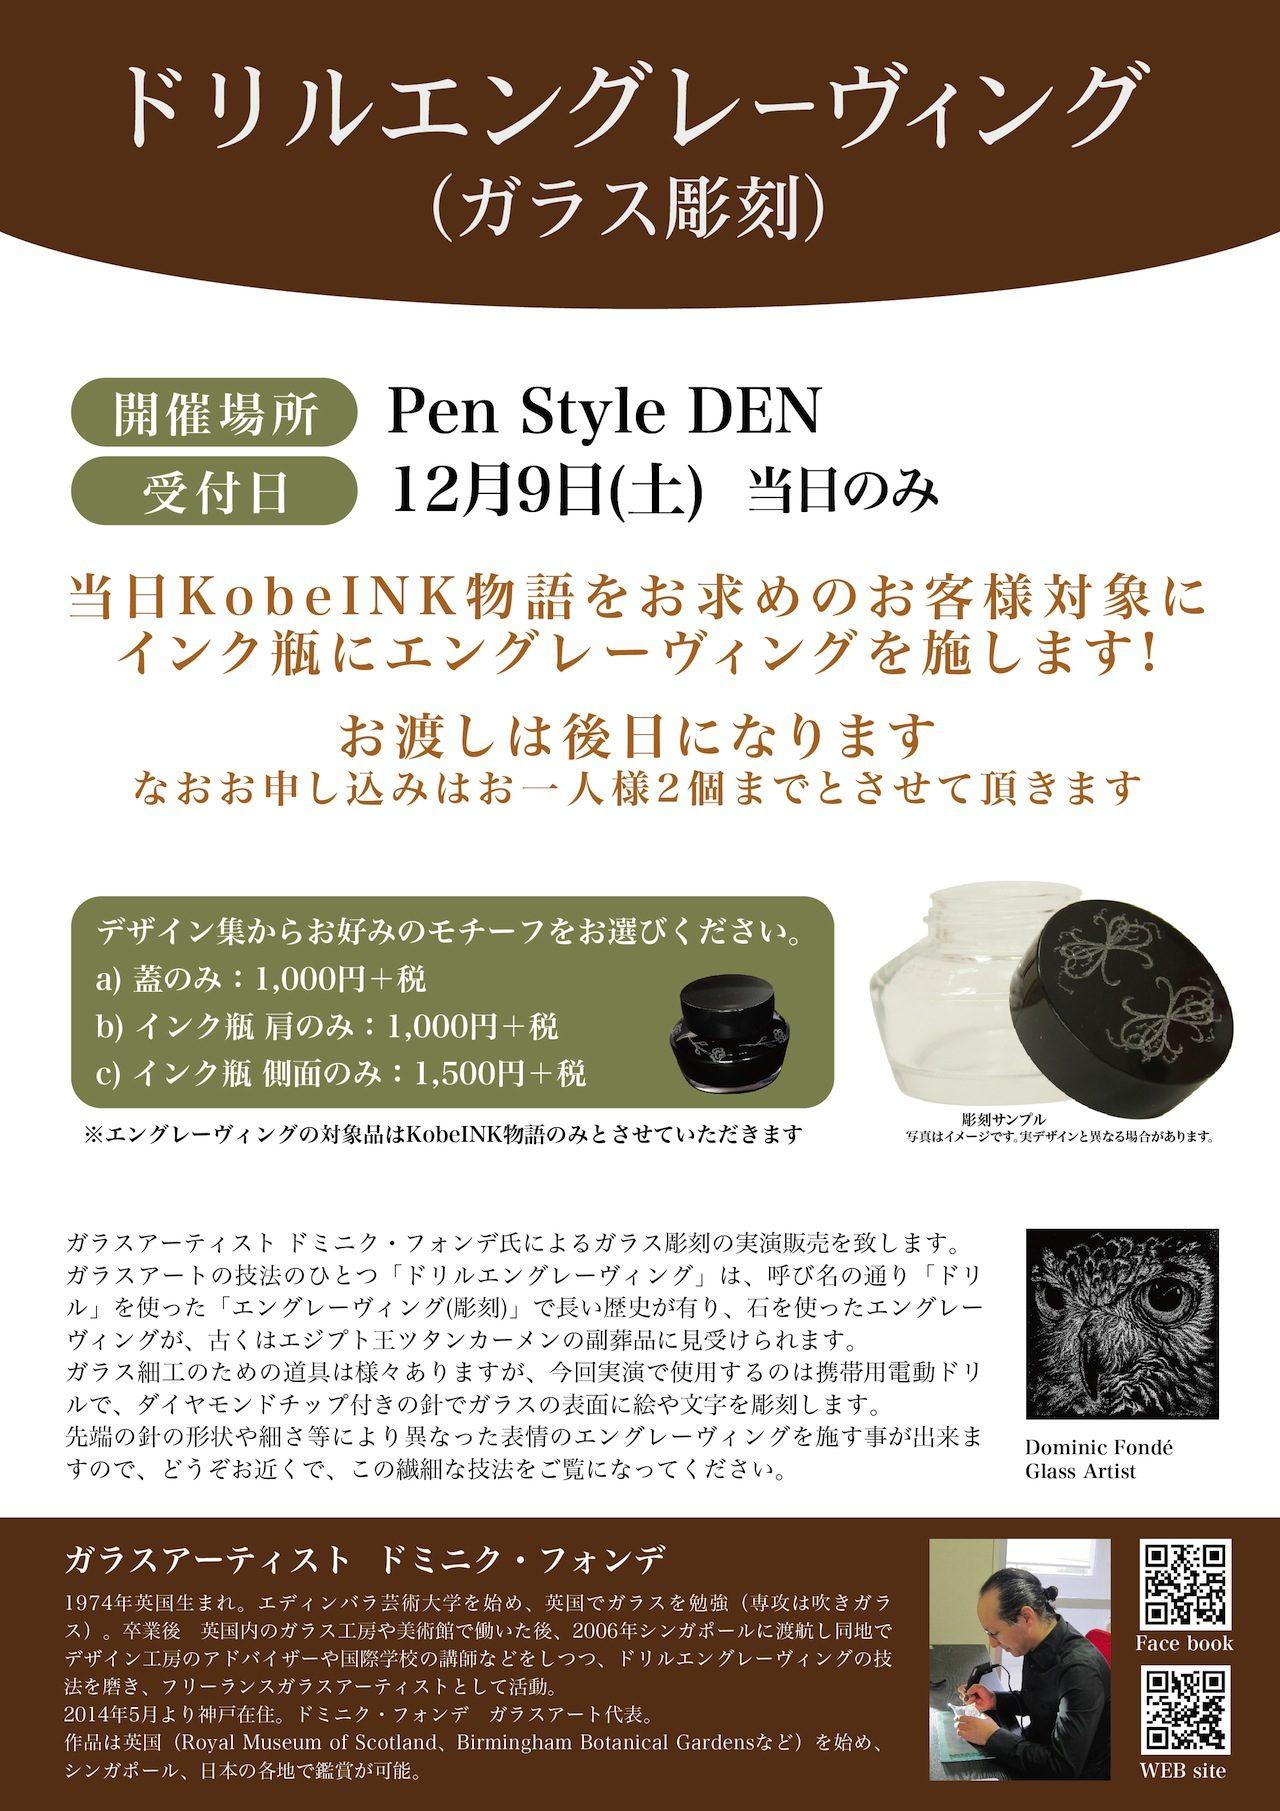 イベント案内 | 万年筆やボトルインクにデザイン、お名前を彫刻しませんか?